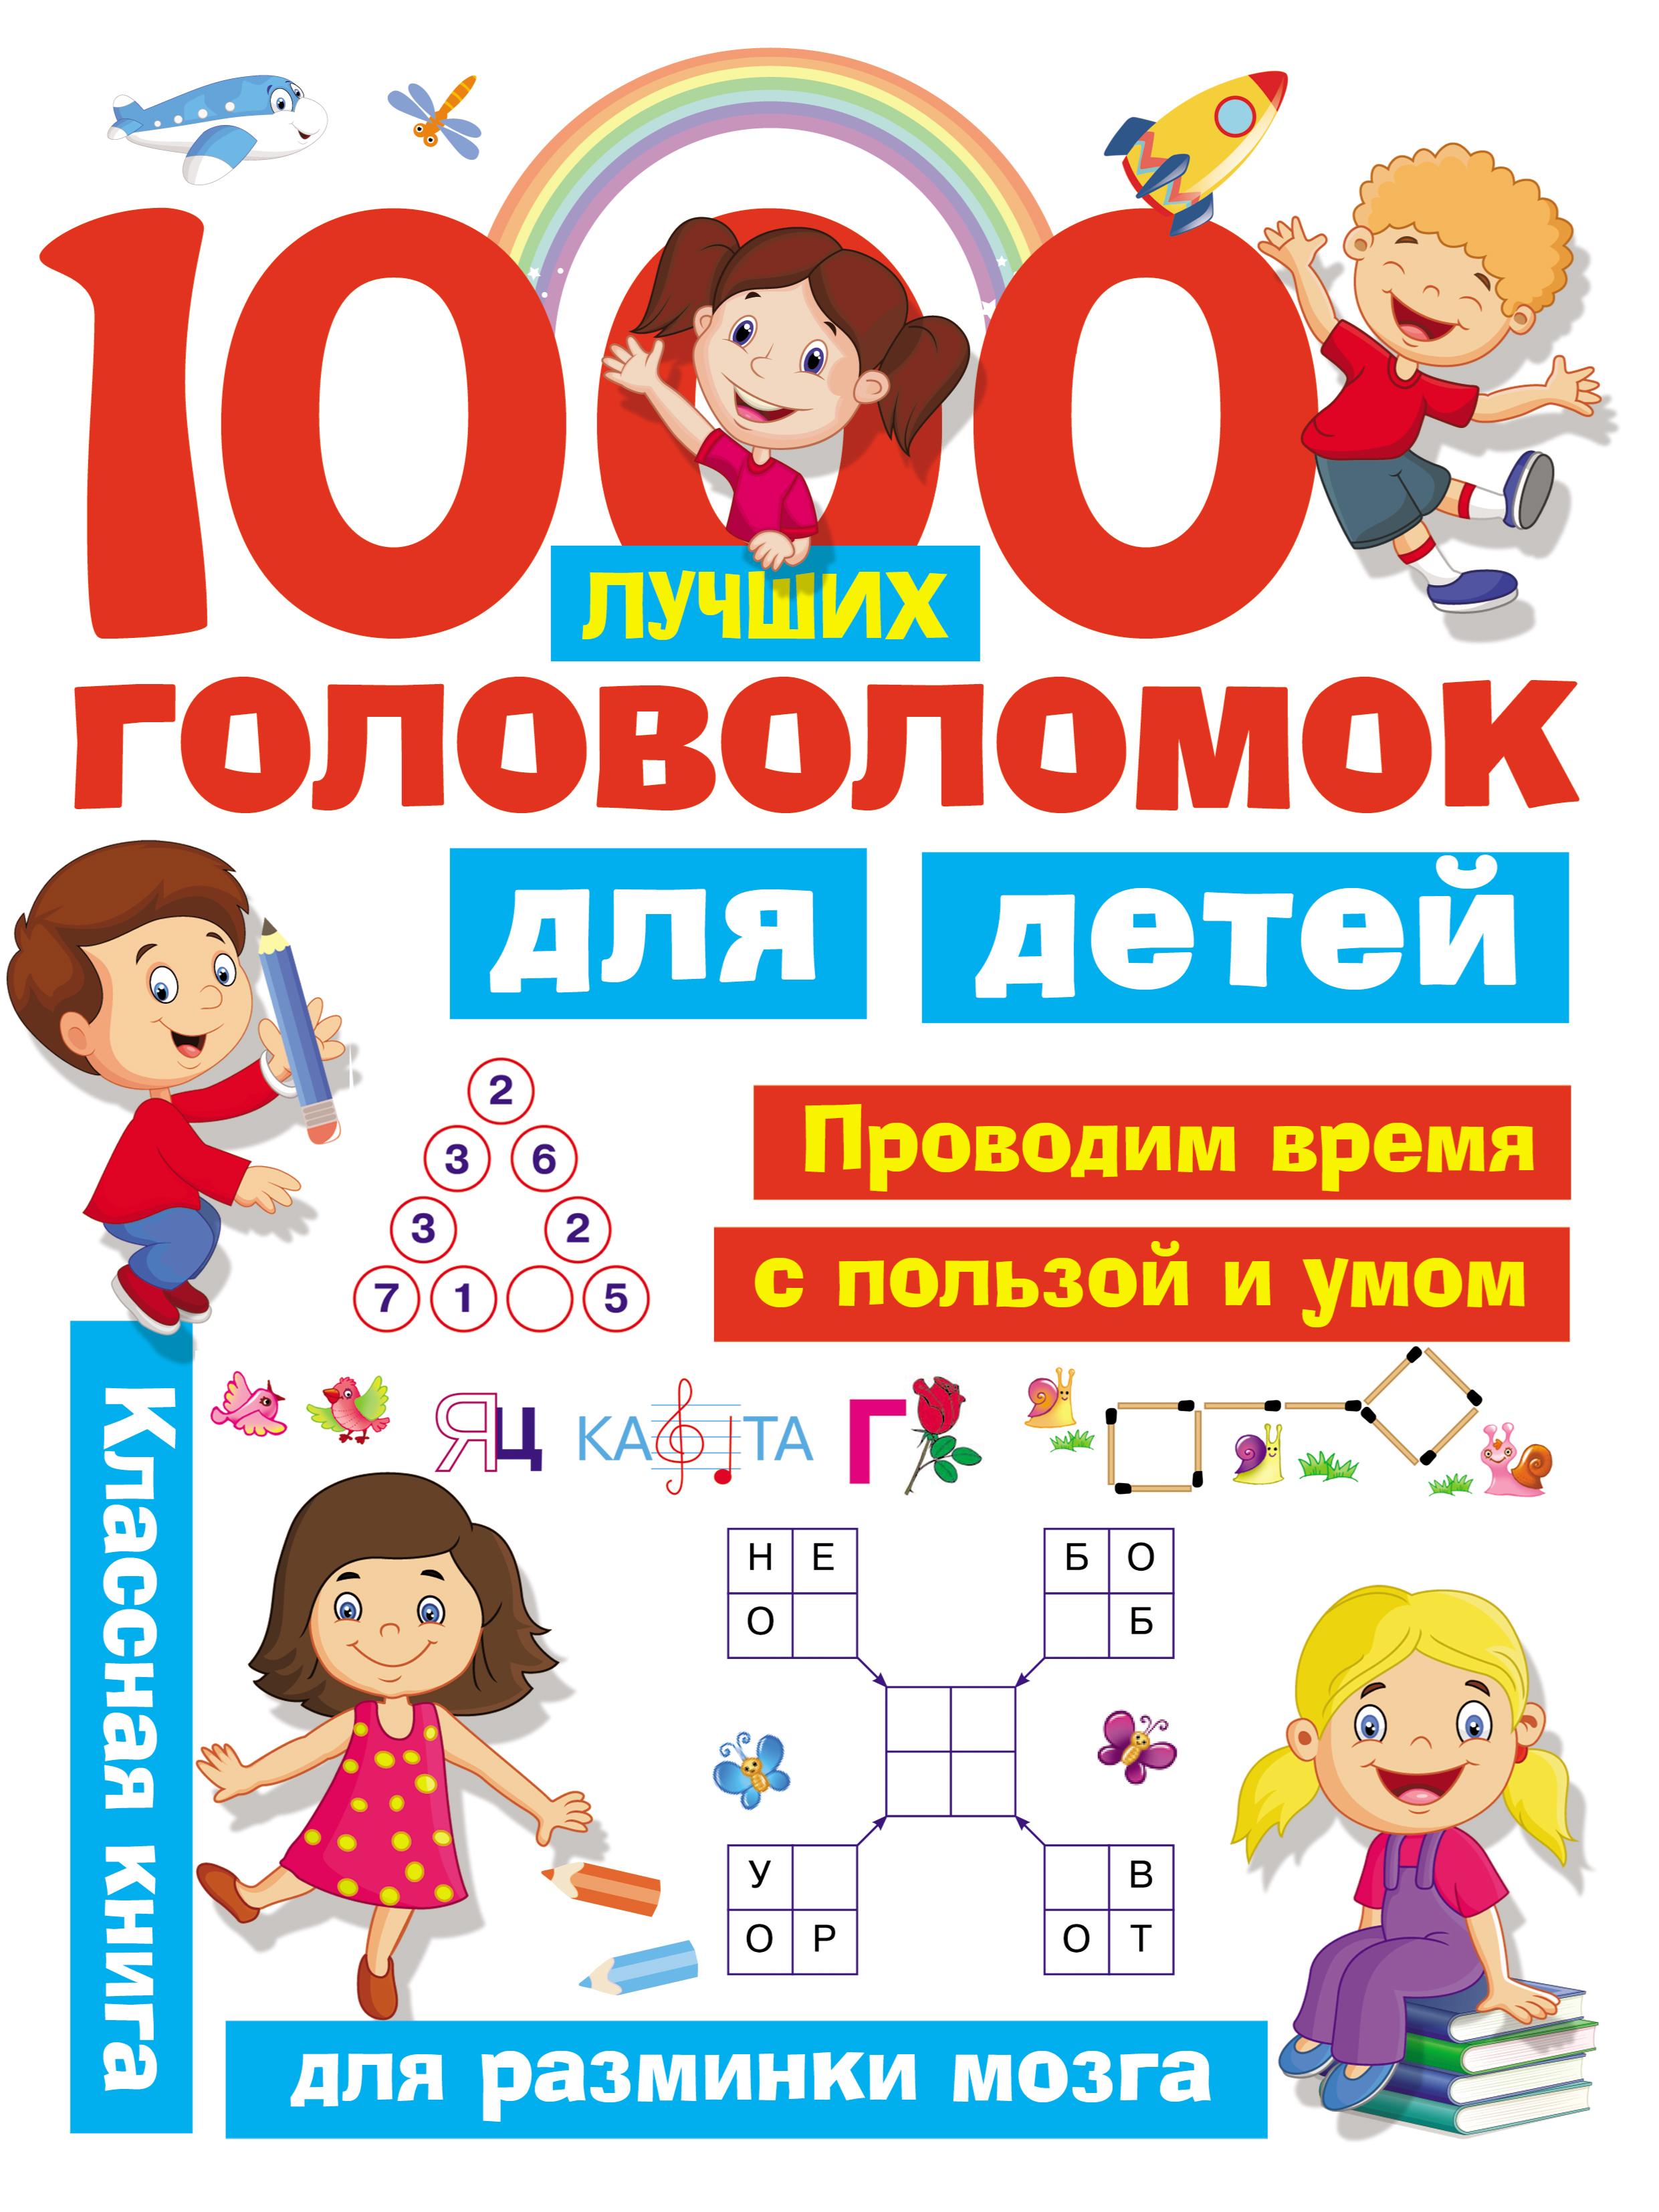 В. Г. Дмитриева 1000 лучших головоломок для детей n°21 эспадрильи